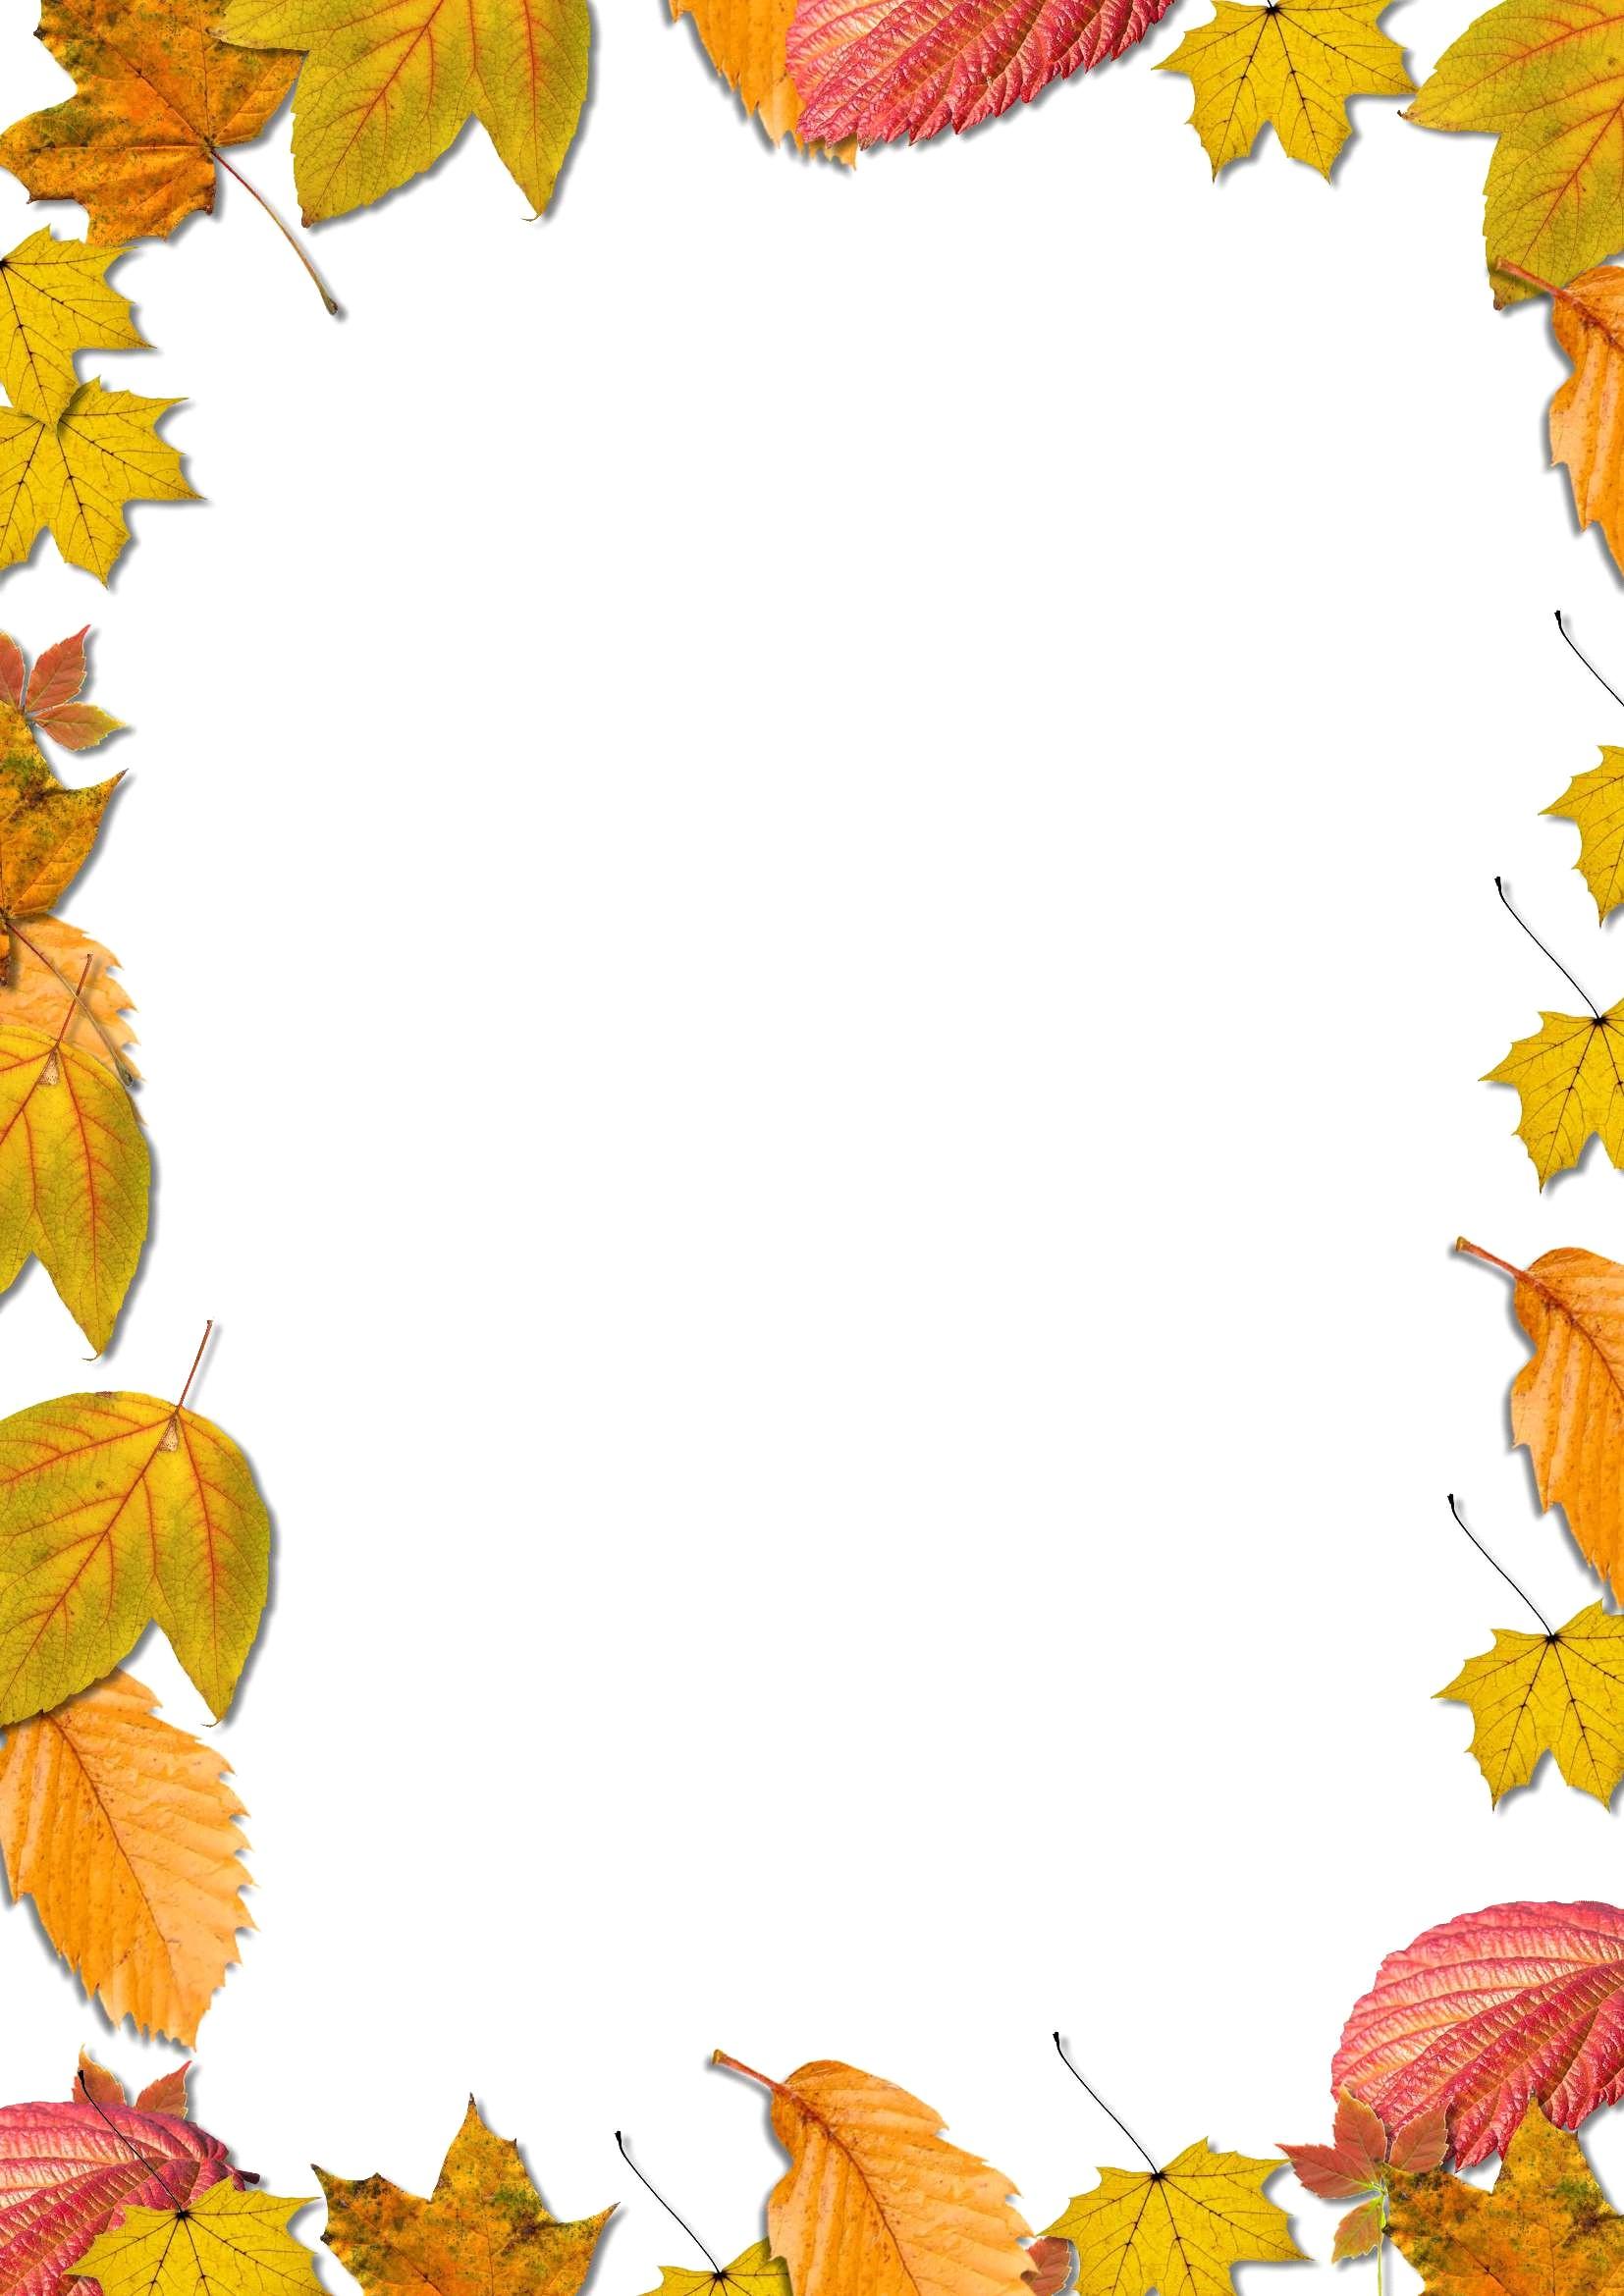 Осень рамки картинки, ручной работы для